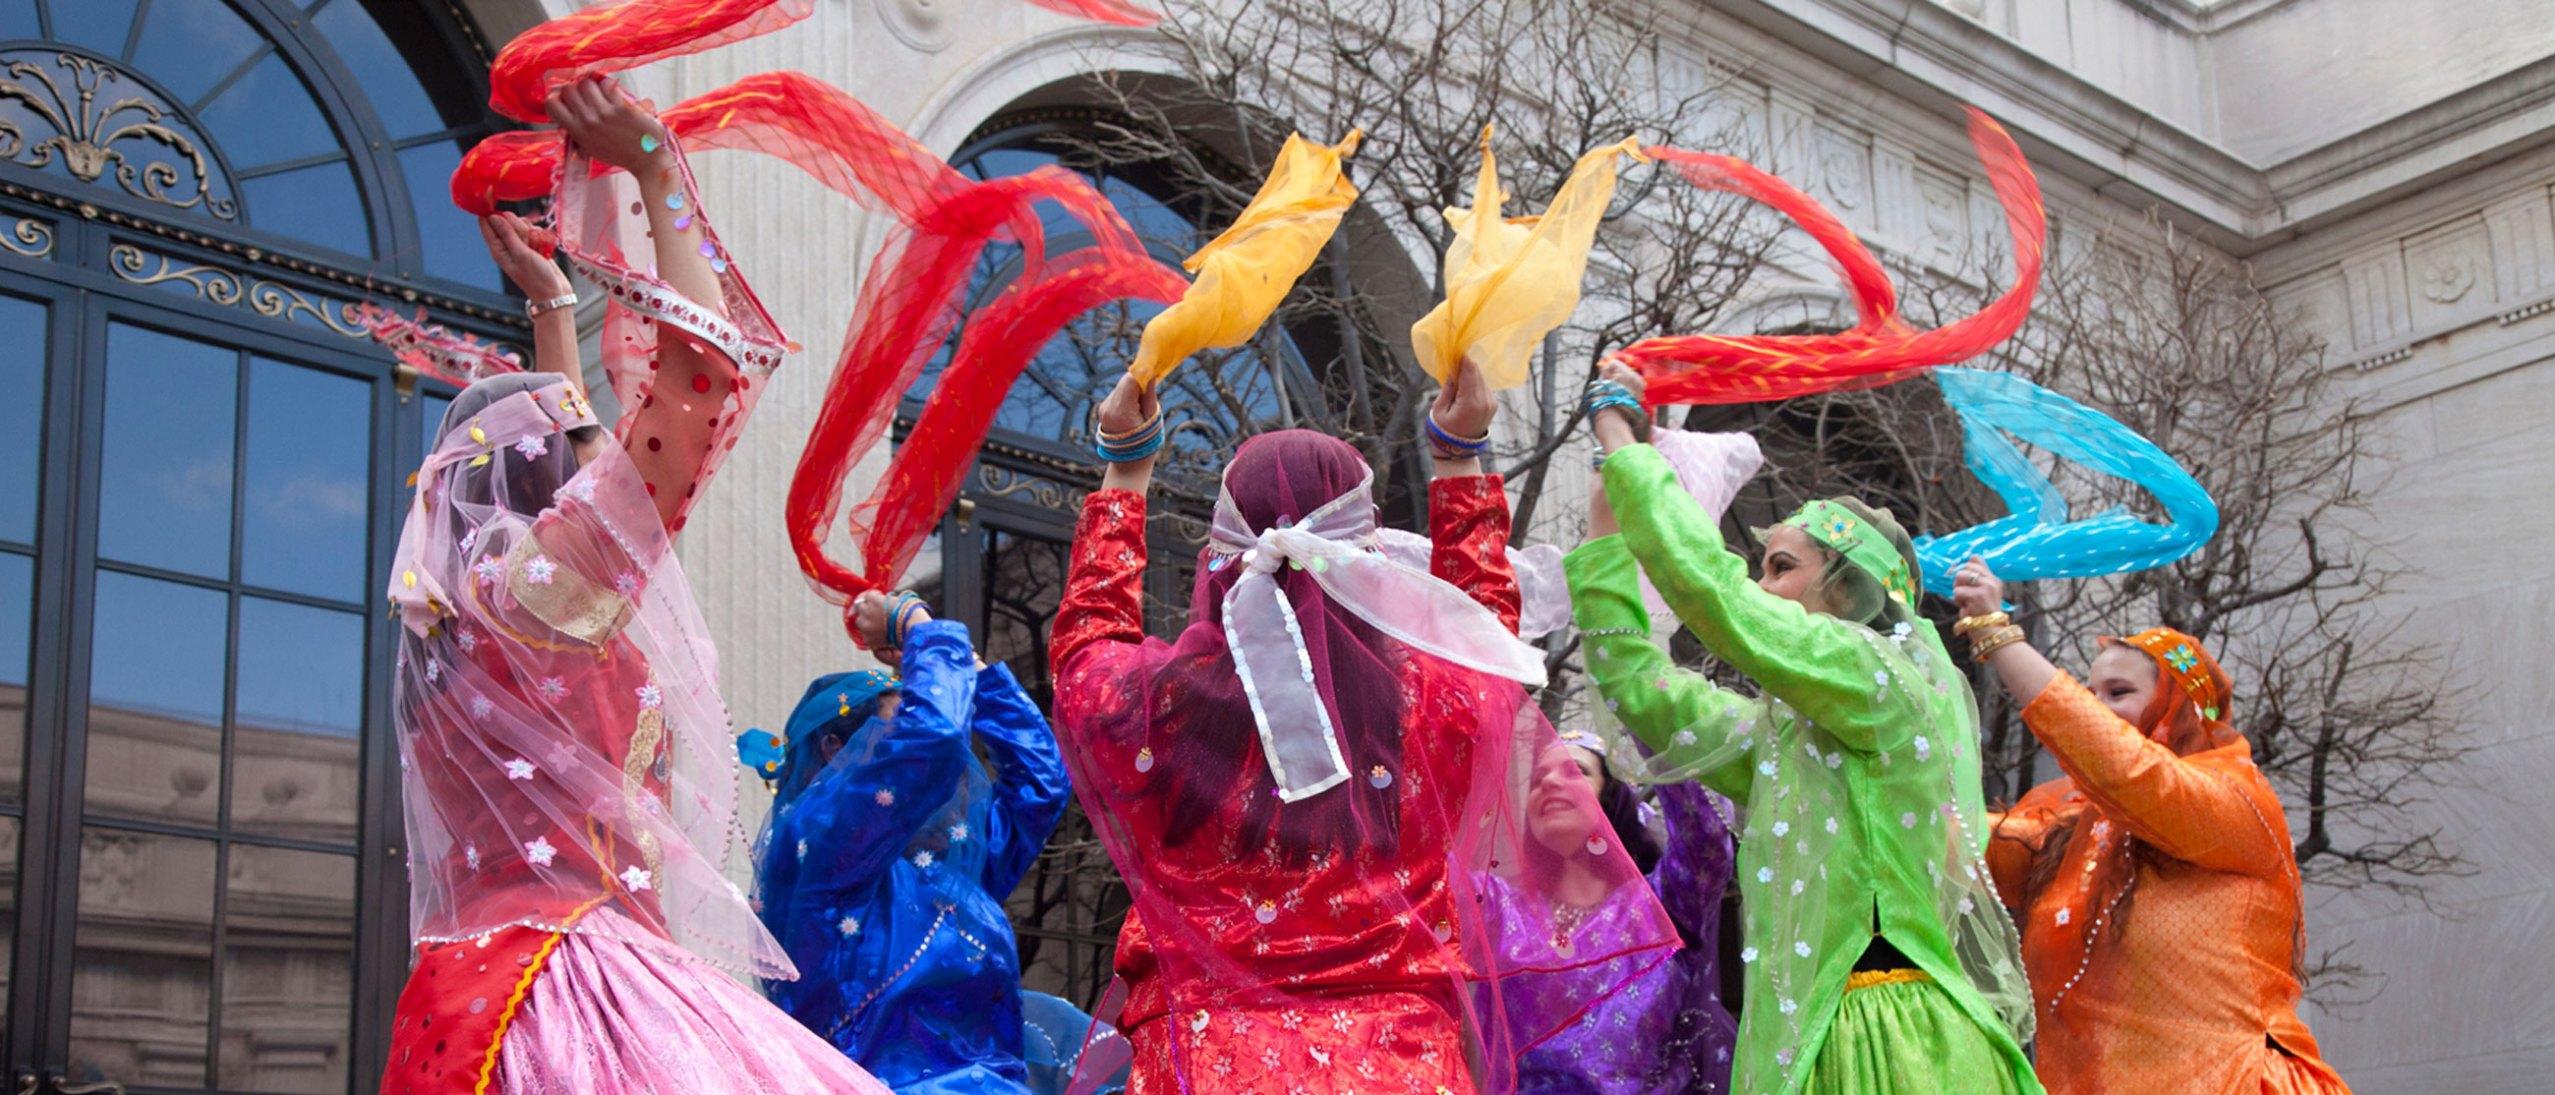 Dancers wave colored scarves at a Freer|Sackler Nowruz celebration.